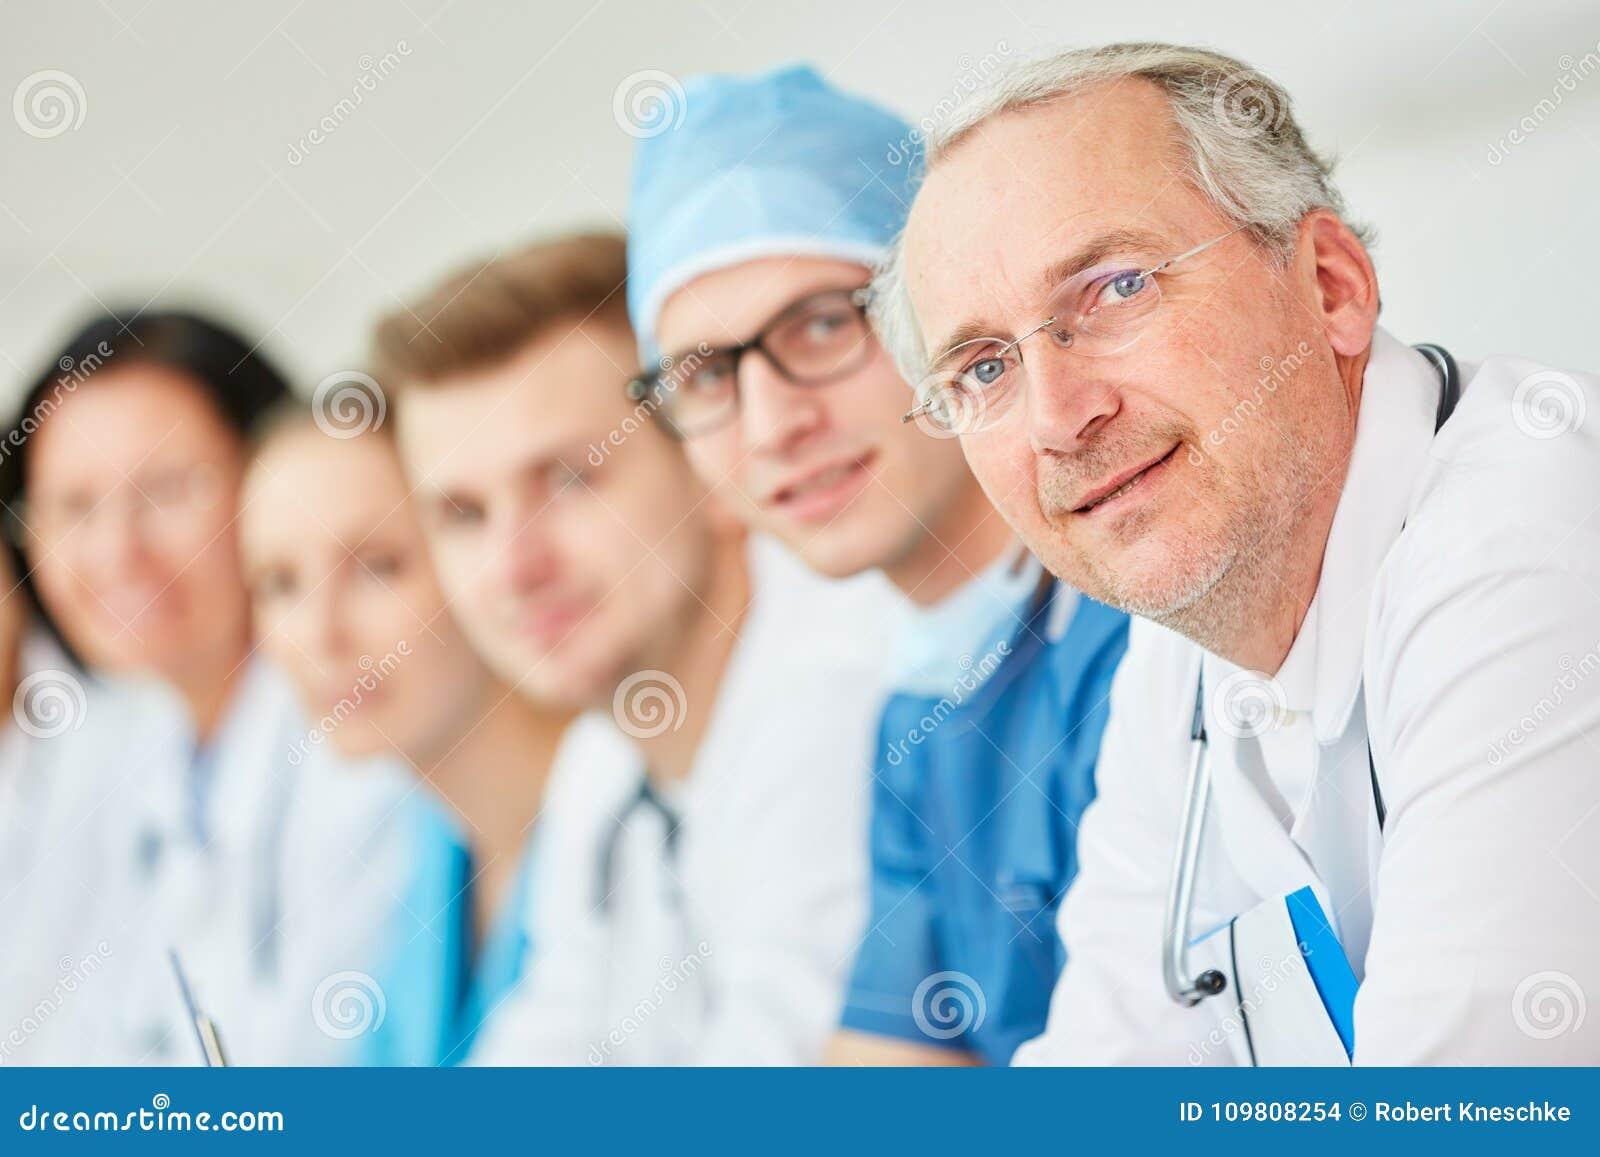 Doutor superior com experiência